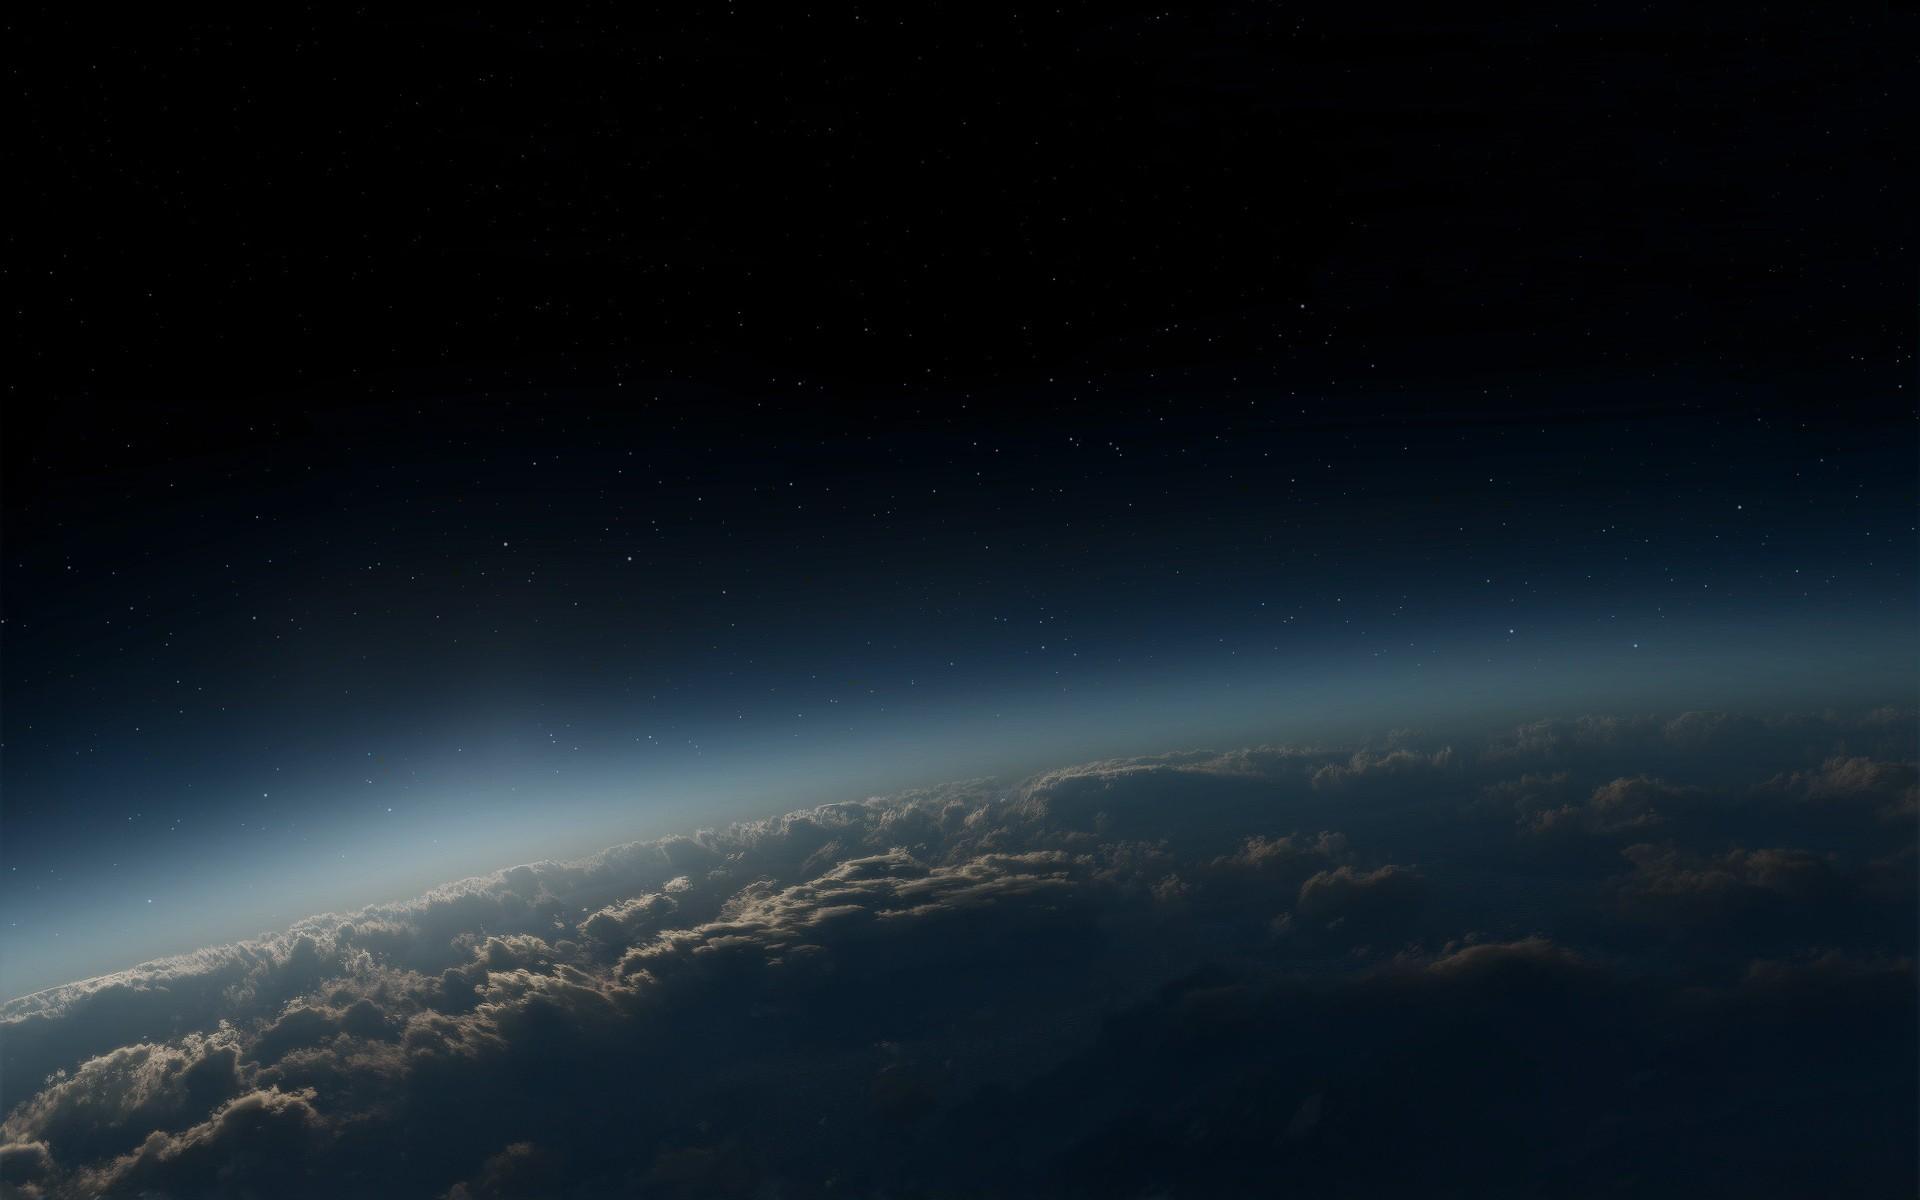 Обои Звездное небо над землей картинки на рабочий стол на тему Космос - скачать  № 1768323 без смс